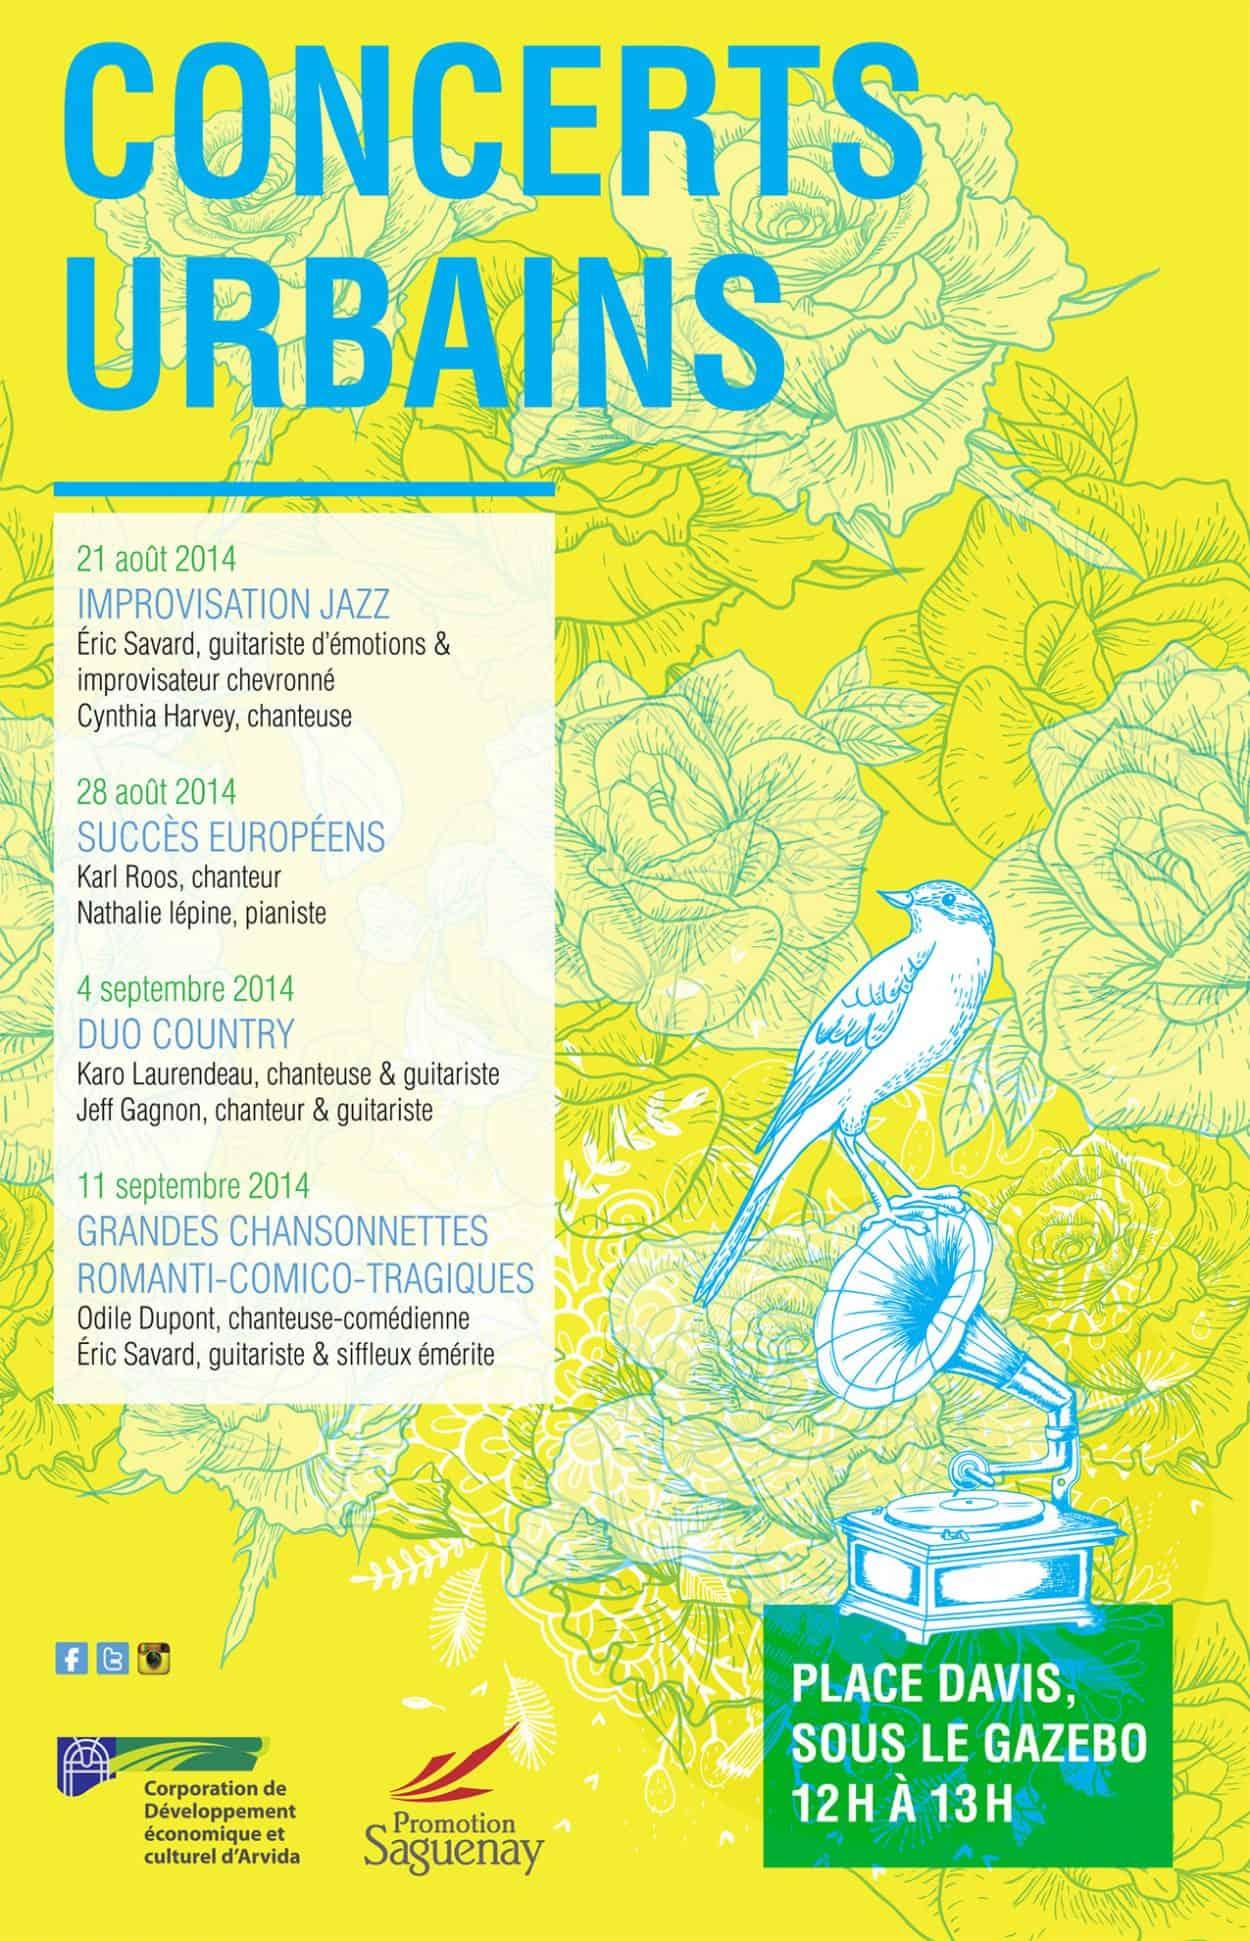 Affiche des concerts urbains (graphisme) Jonquière